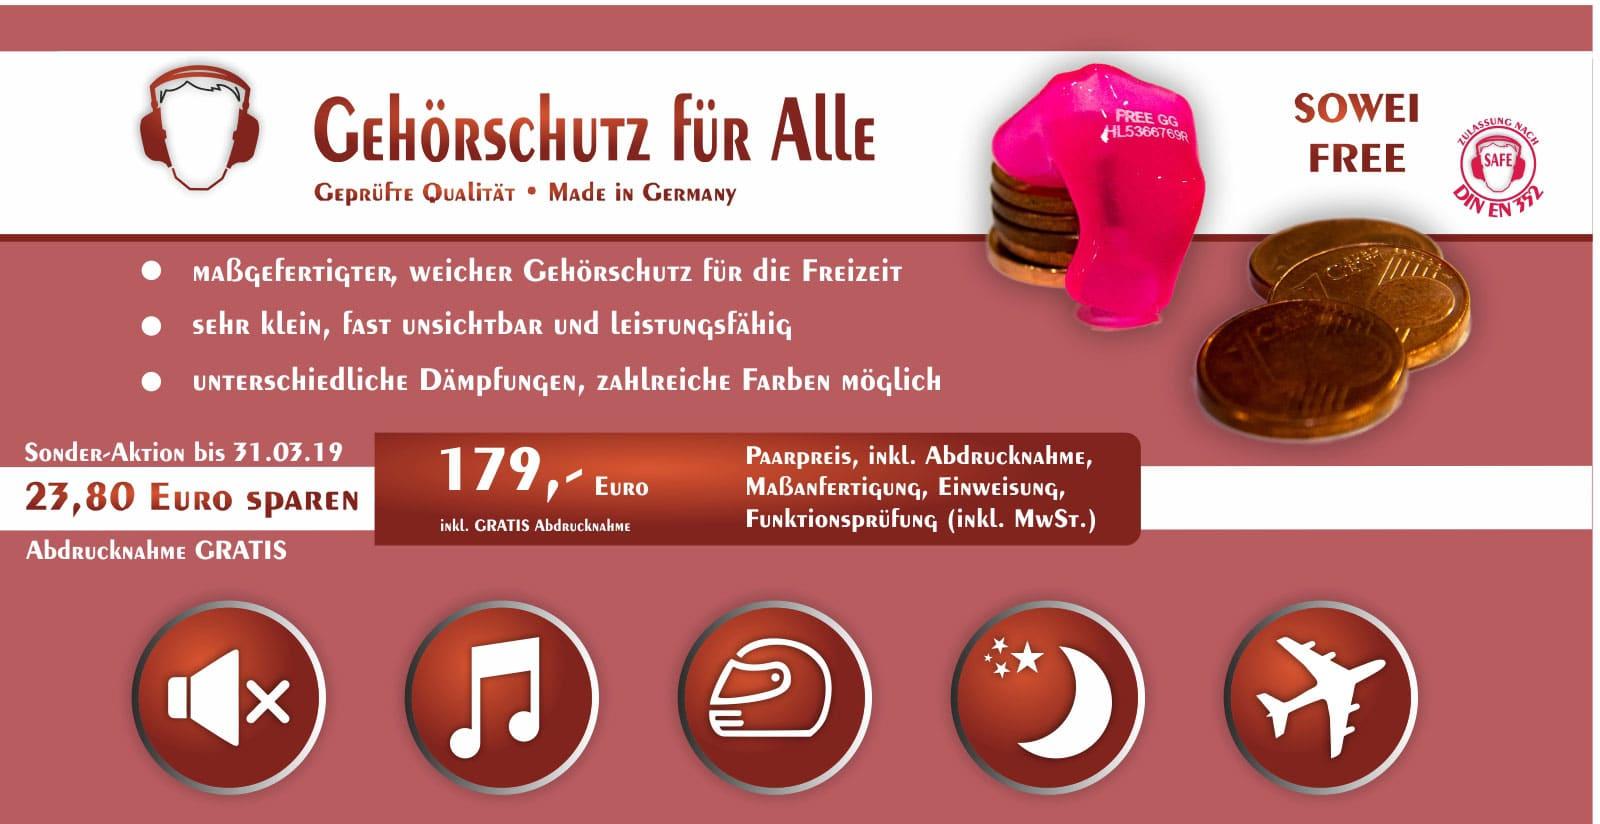 Gehörschutz für Alle - Hörluchs SOWEI free von Hörluchs